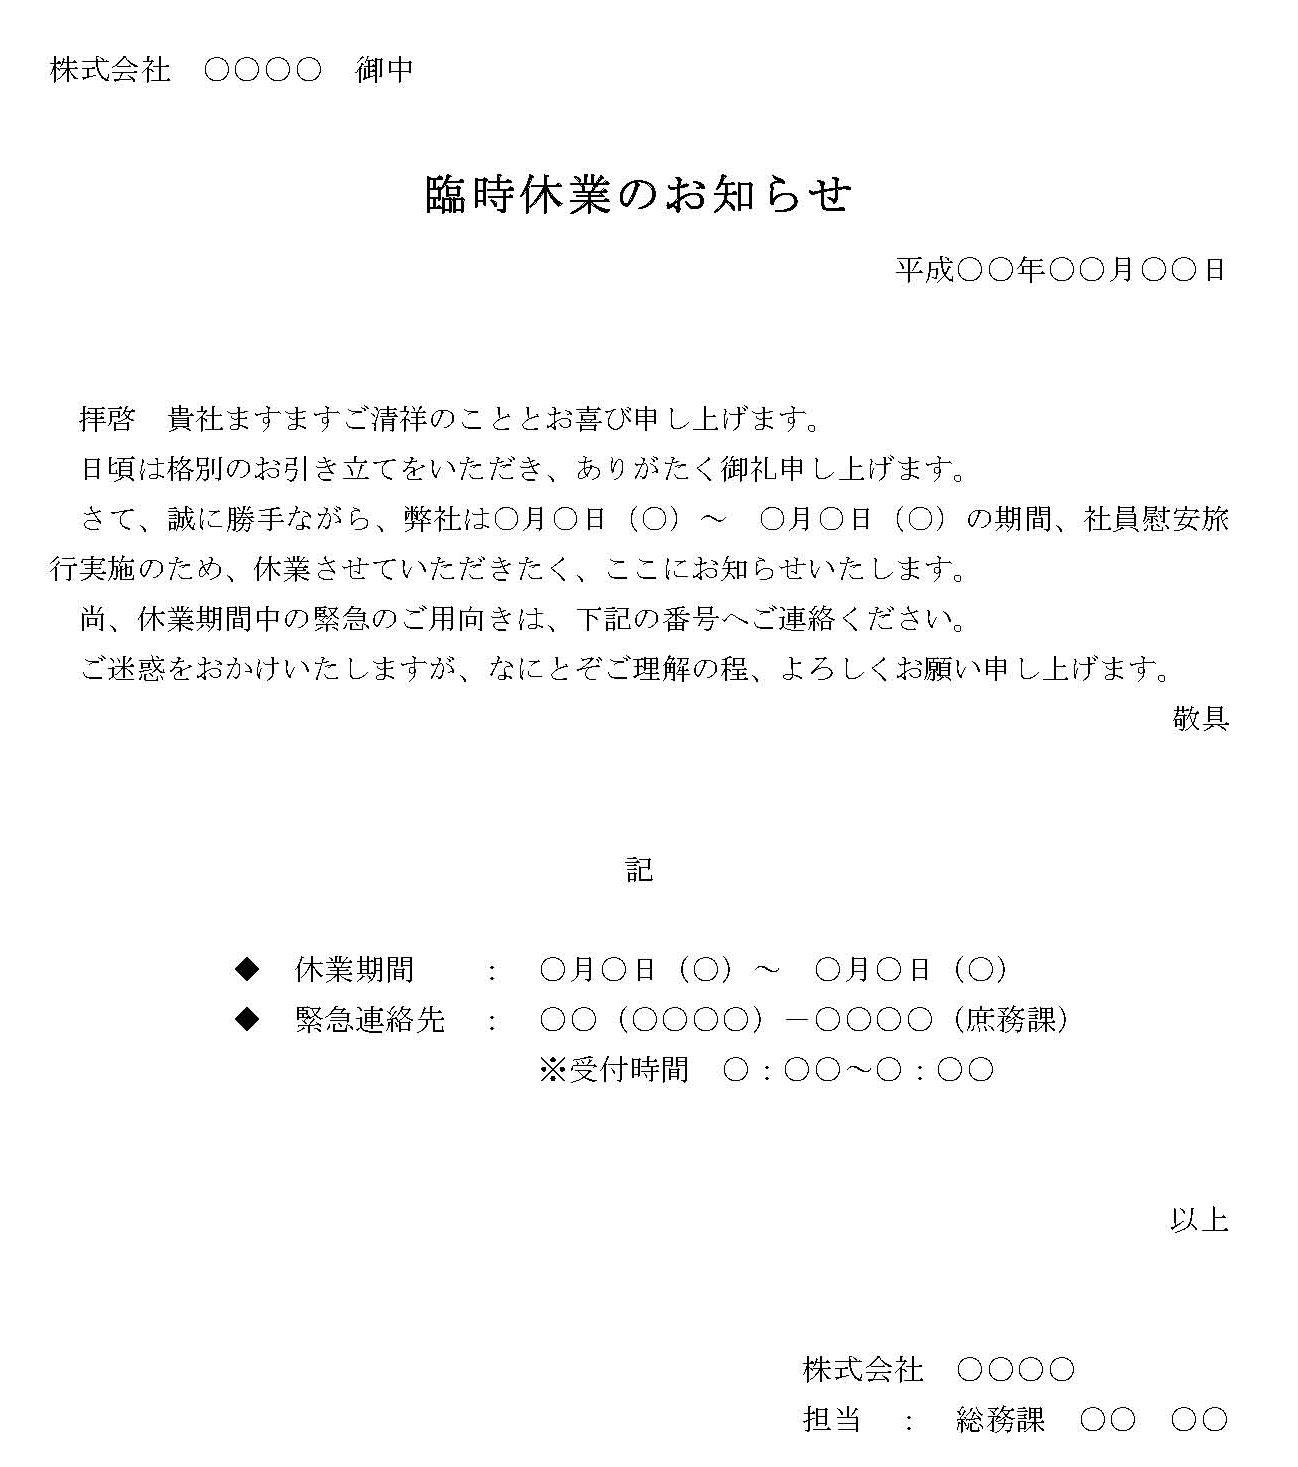 お知らせ(臨時休業)01